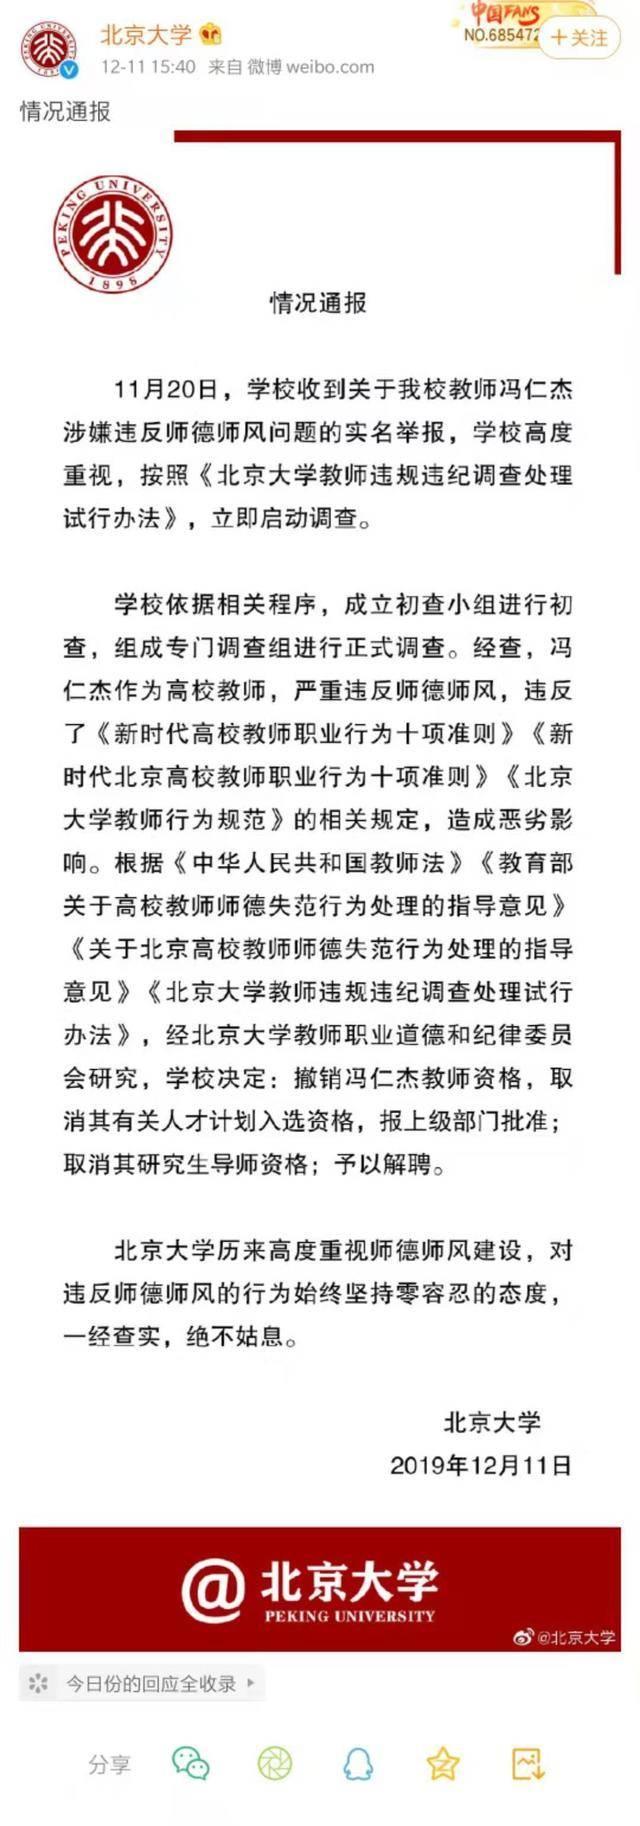 北京大学通报该校博导冯仁杰与多人发生关系事件:撤销教师资格,予以解聘